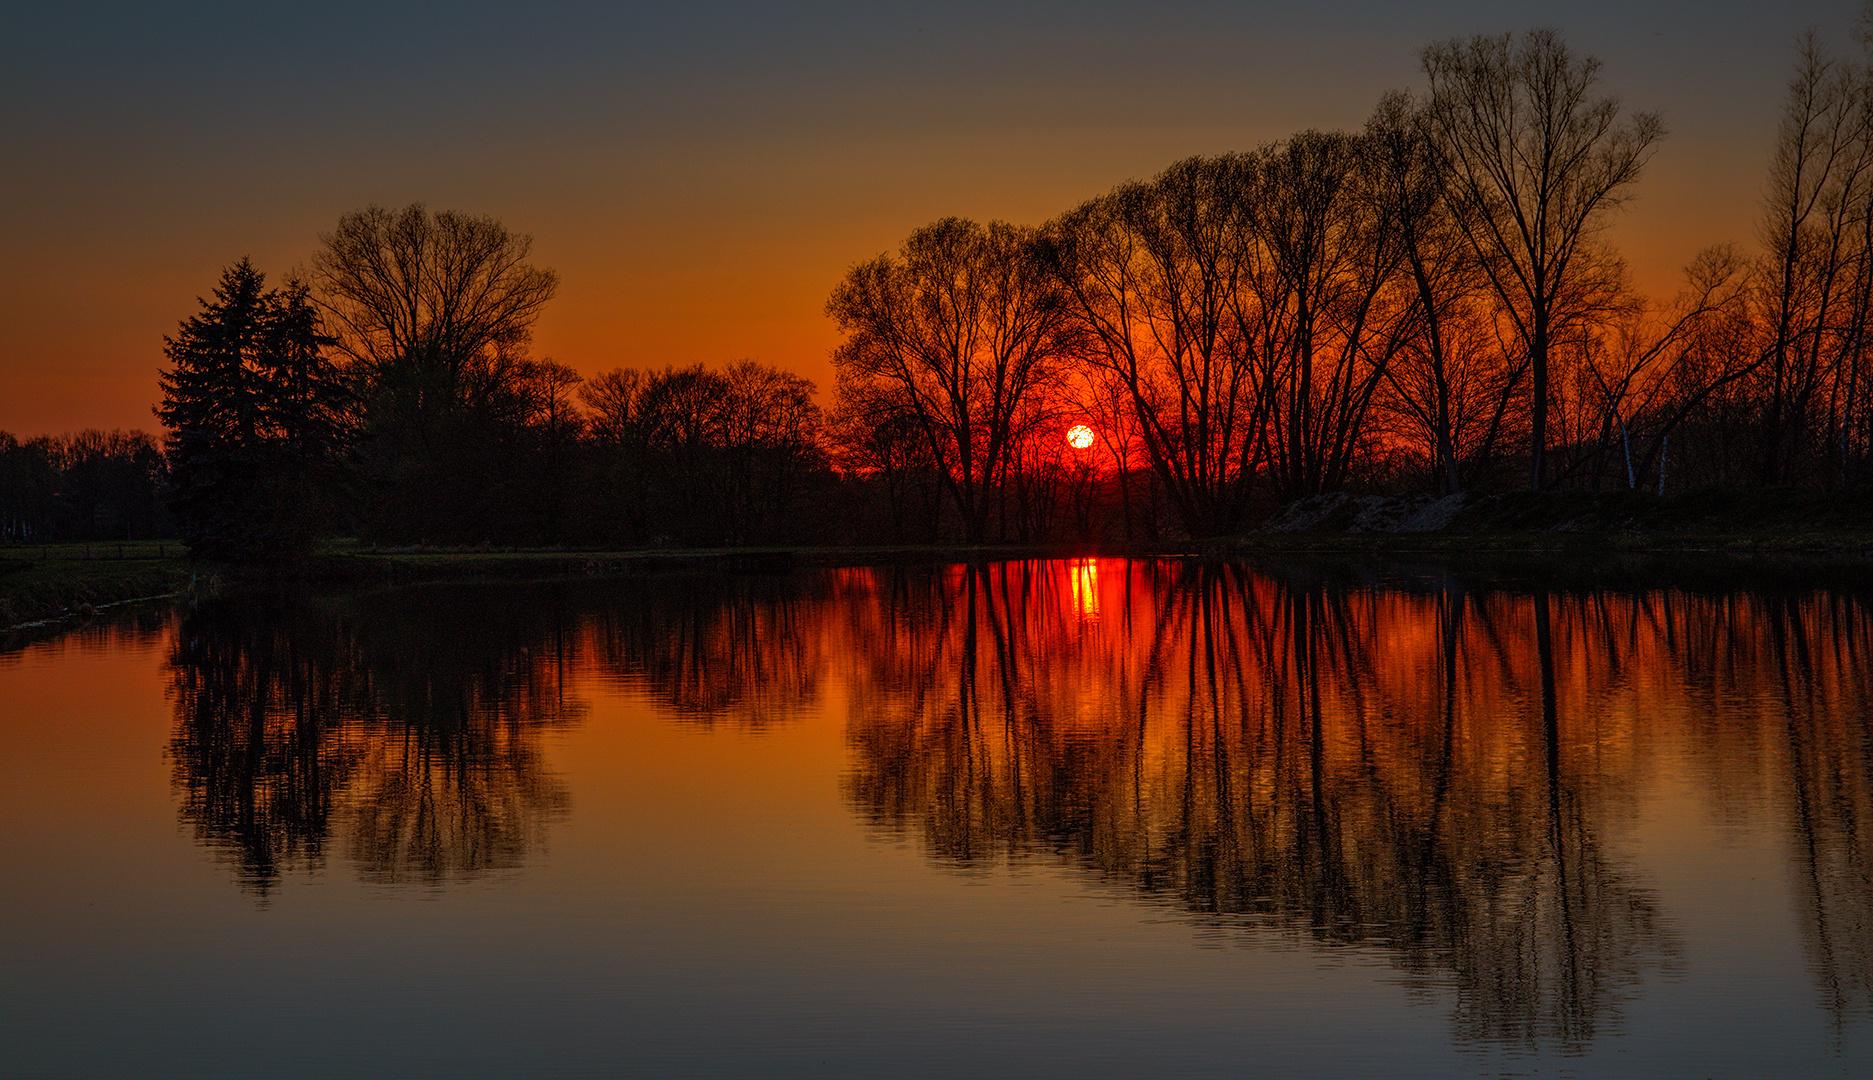 Abendstimmung am Teich 026